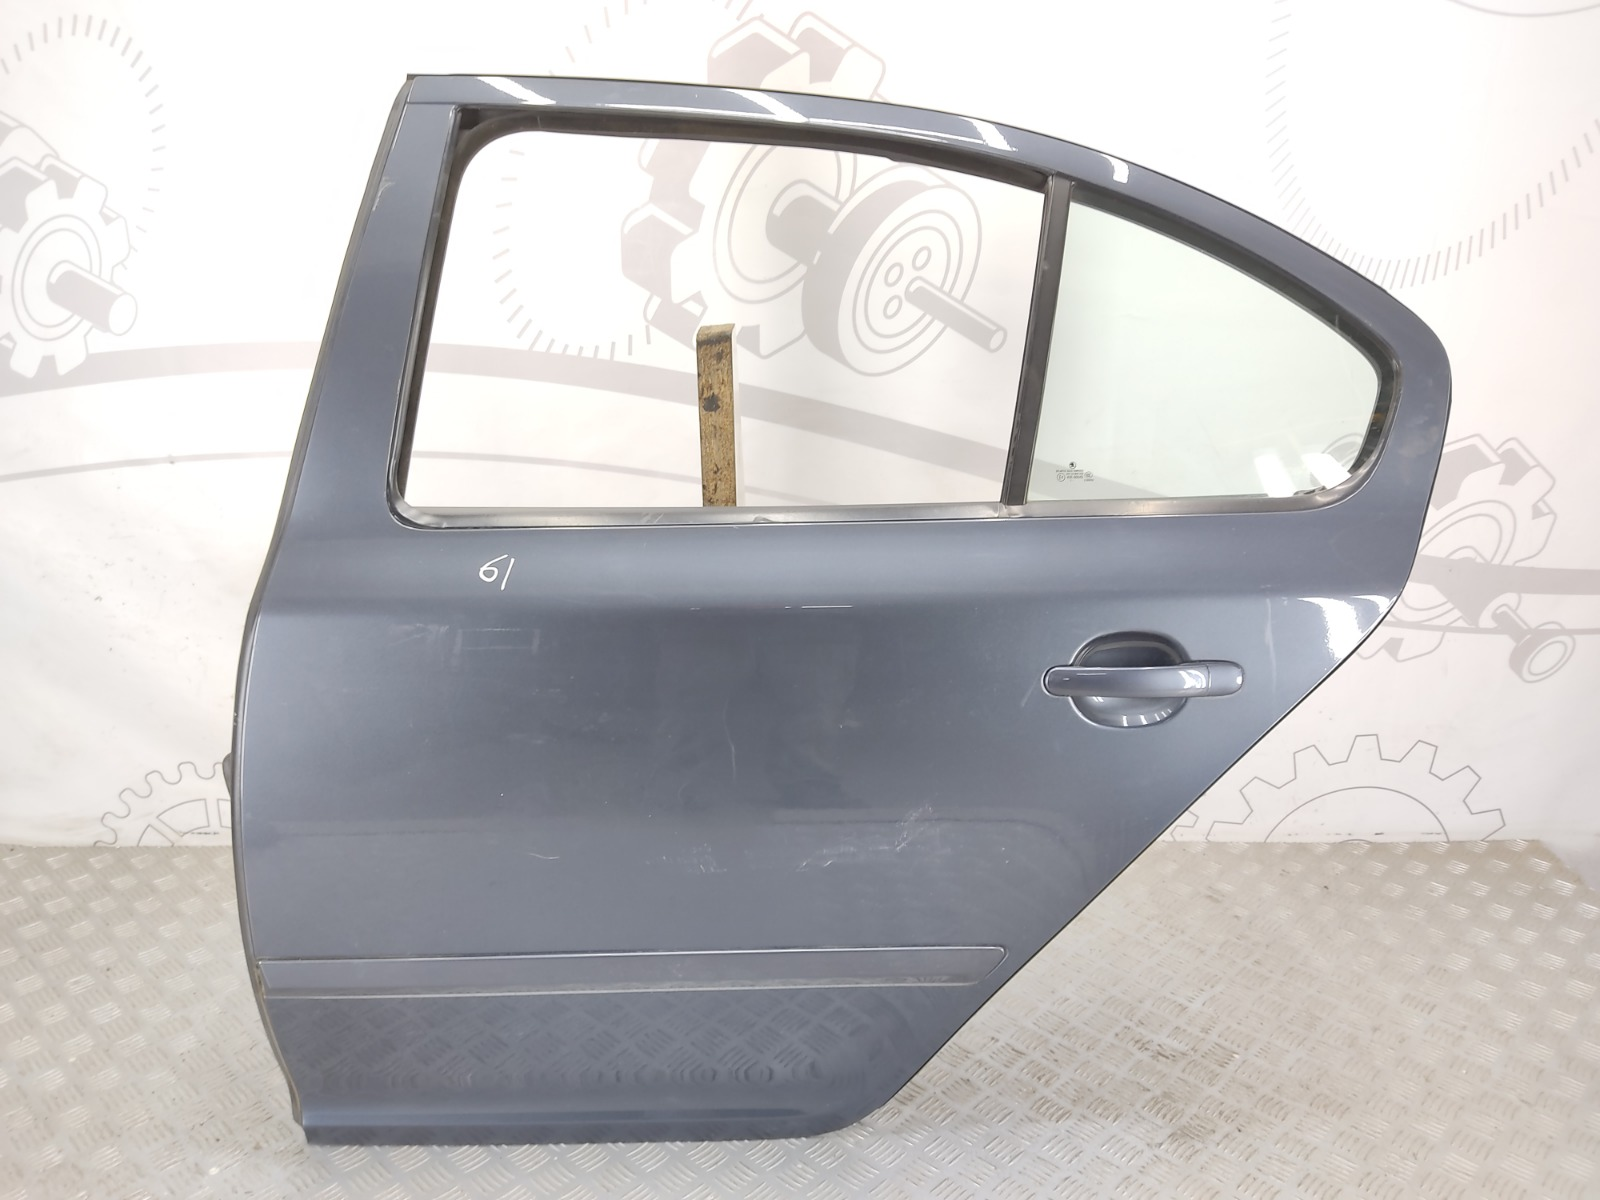 Дверь задняя левая Skoda Octavia 1.6 TDI 2011 (б/у)